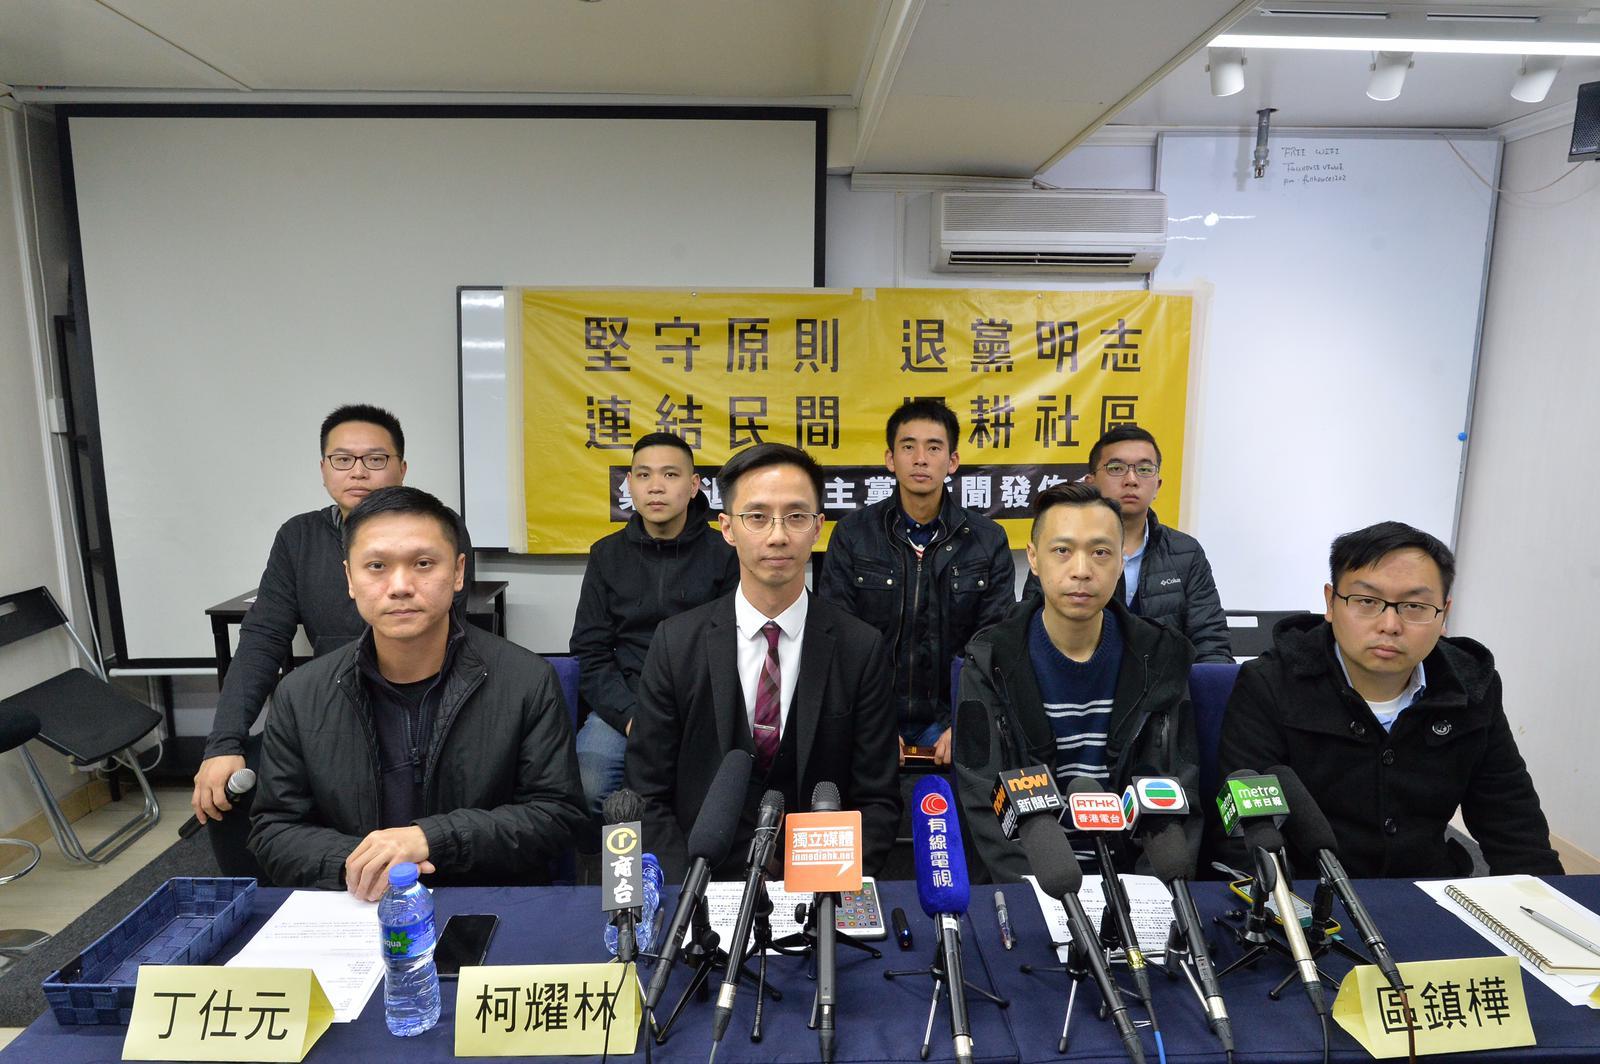 柯耀林(中)、丁仕元(左)、區鎮樺(右)